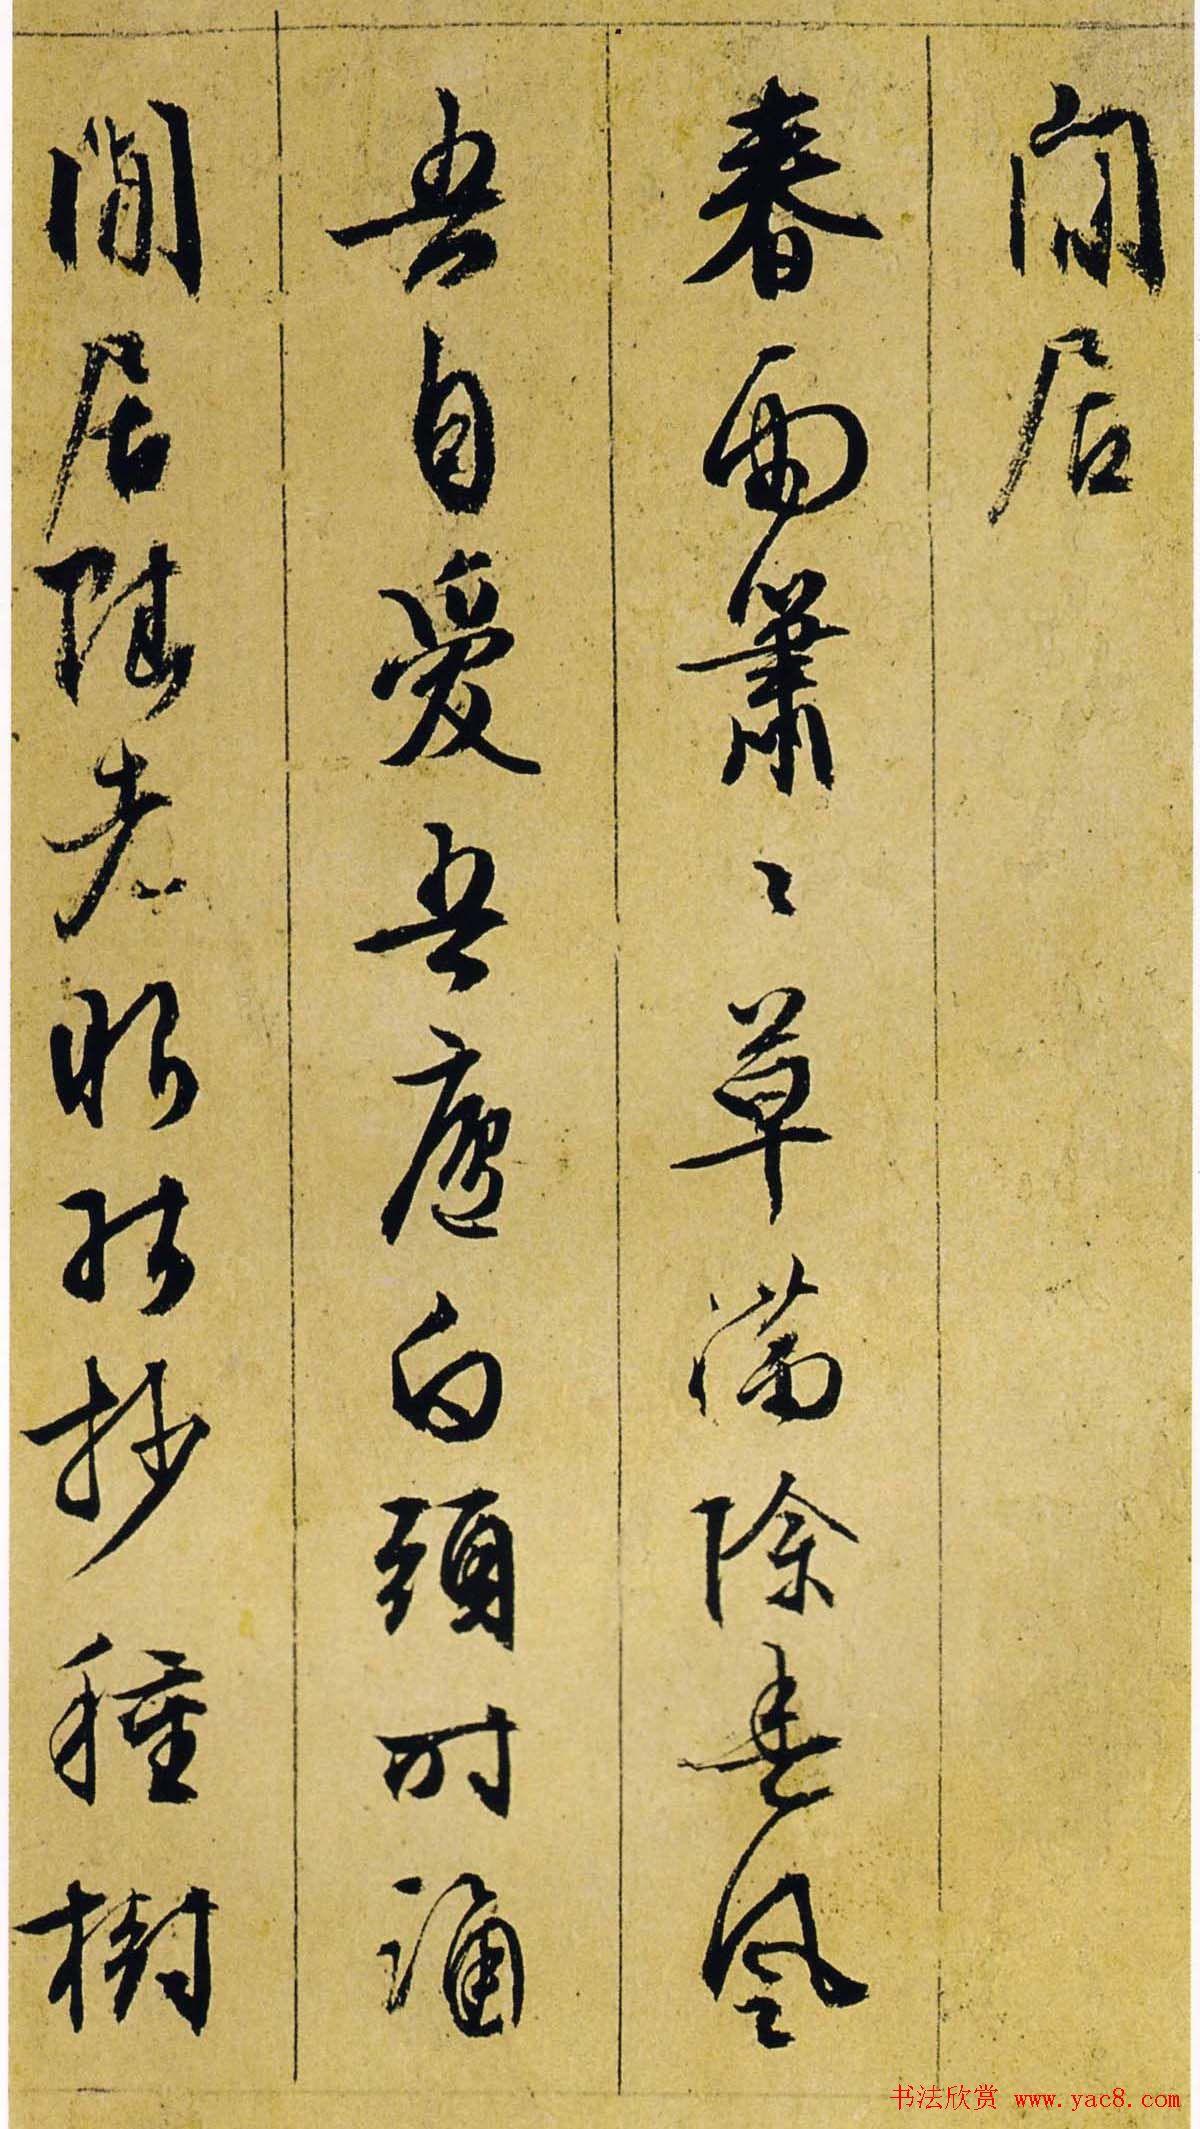 文衡山书法墨迹欣赏《文徵明行草诗册》